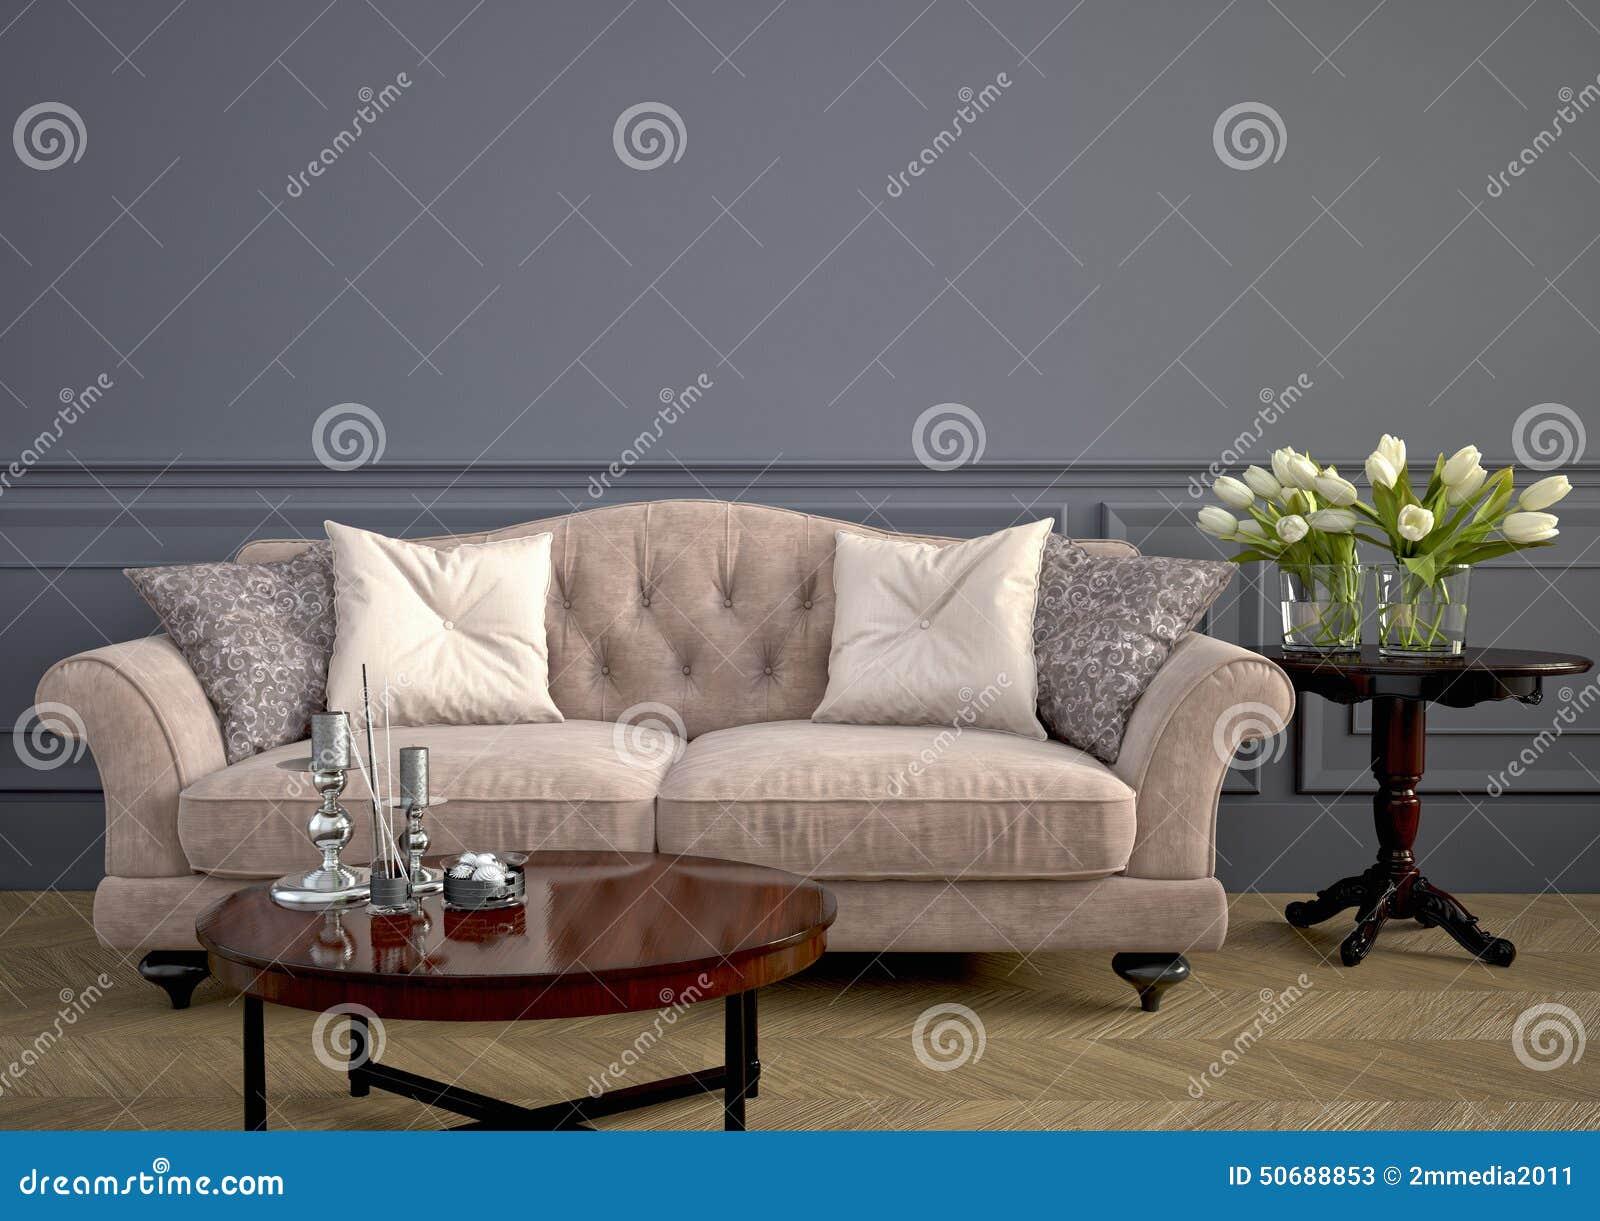 Download 美丽的葡萄酒沙发 3d翻译 库存例证. 插画 包括有 位子, 死锁的, 复制, 生活方式, 雕刻, 设计 - 50688853